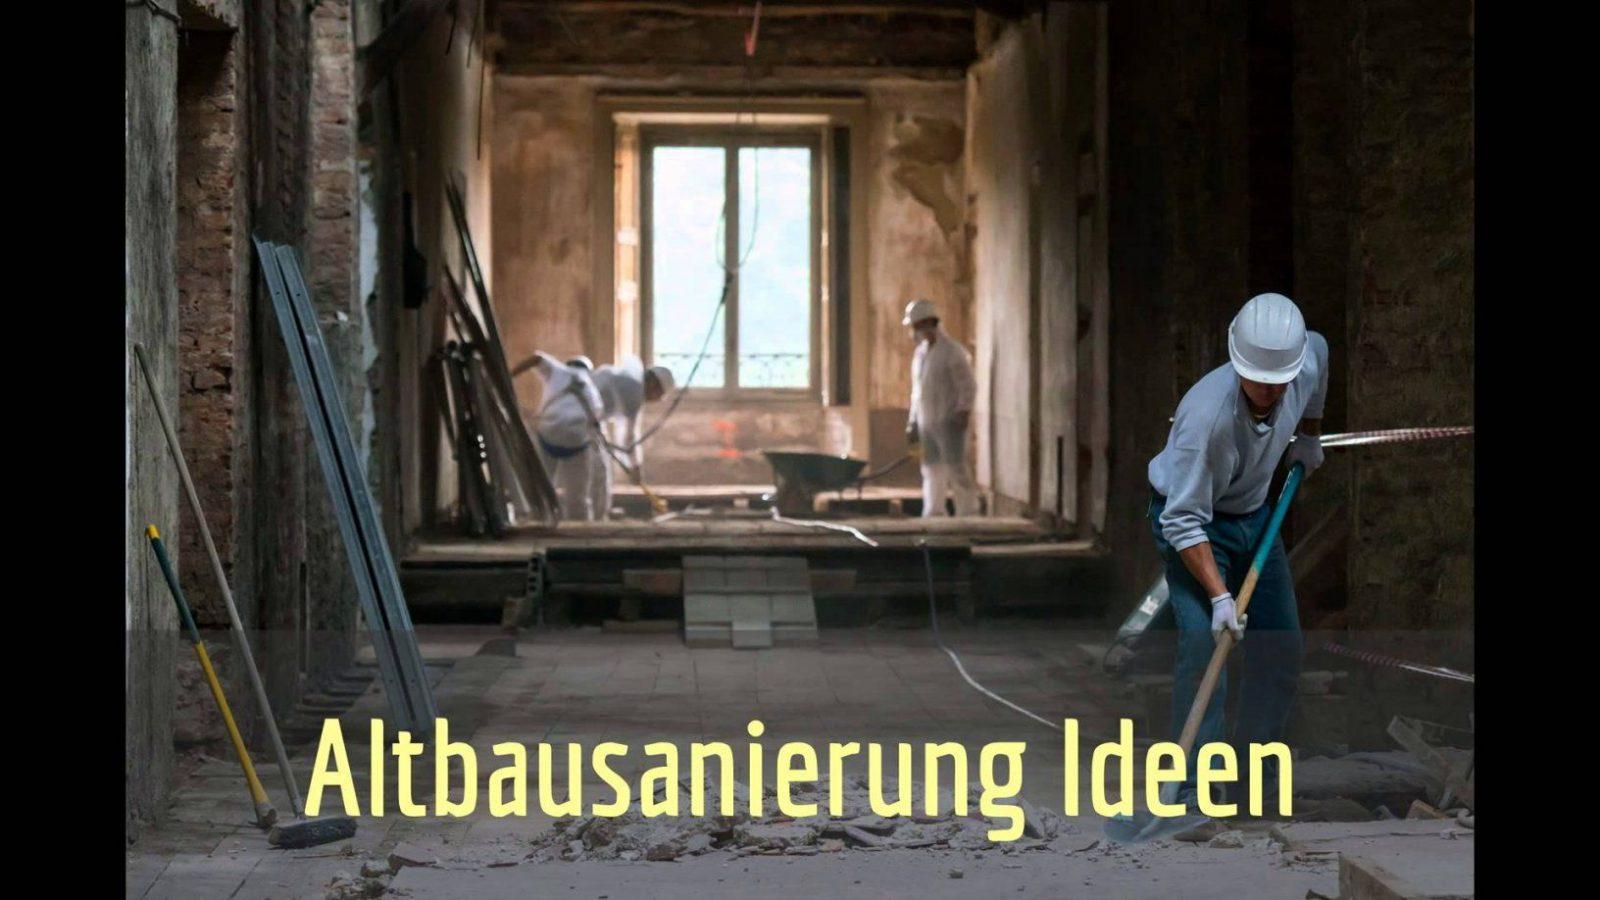 Altbausanierung Berlin Altes Haus Sanieren Youtube Von Altes Haus